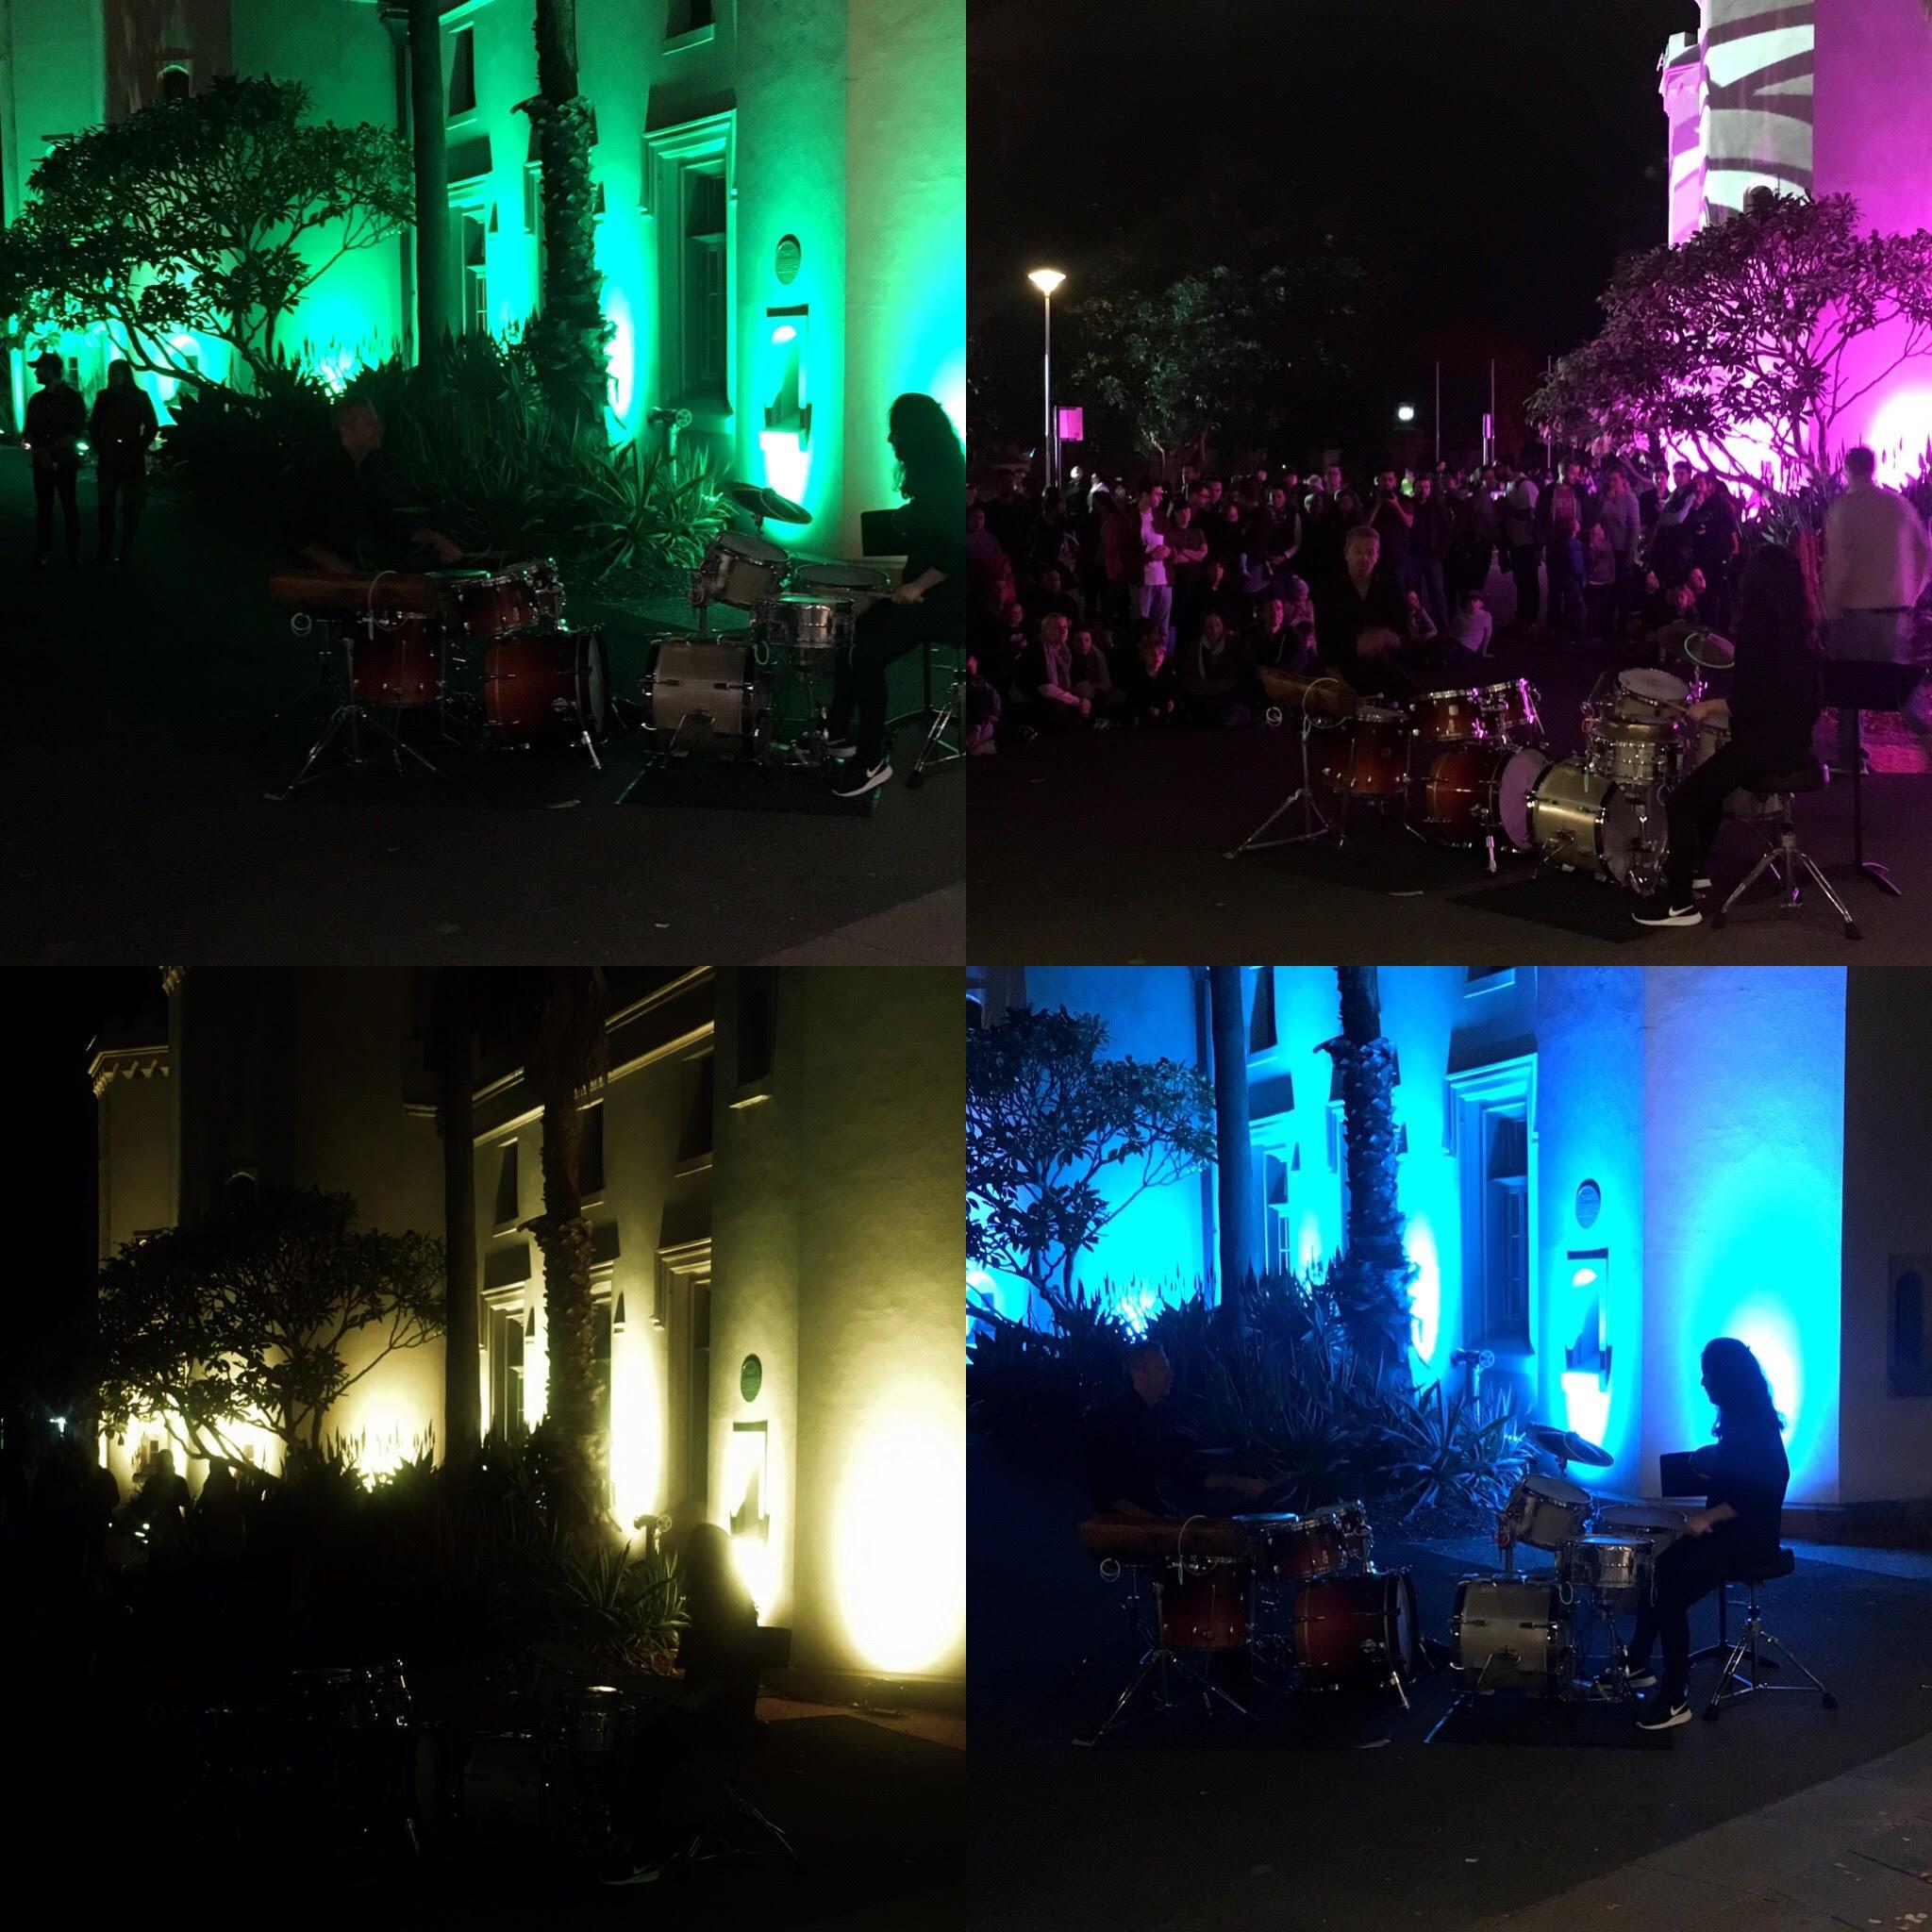 Sydney Conservatorium lit up for Vivid